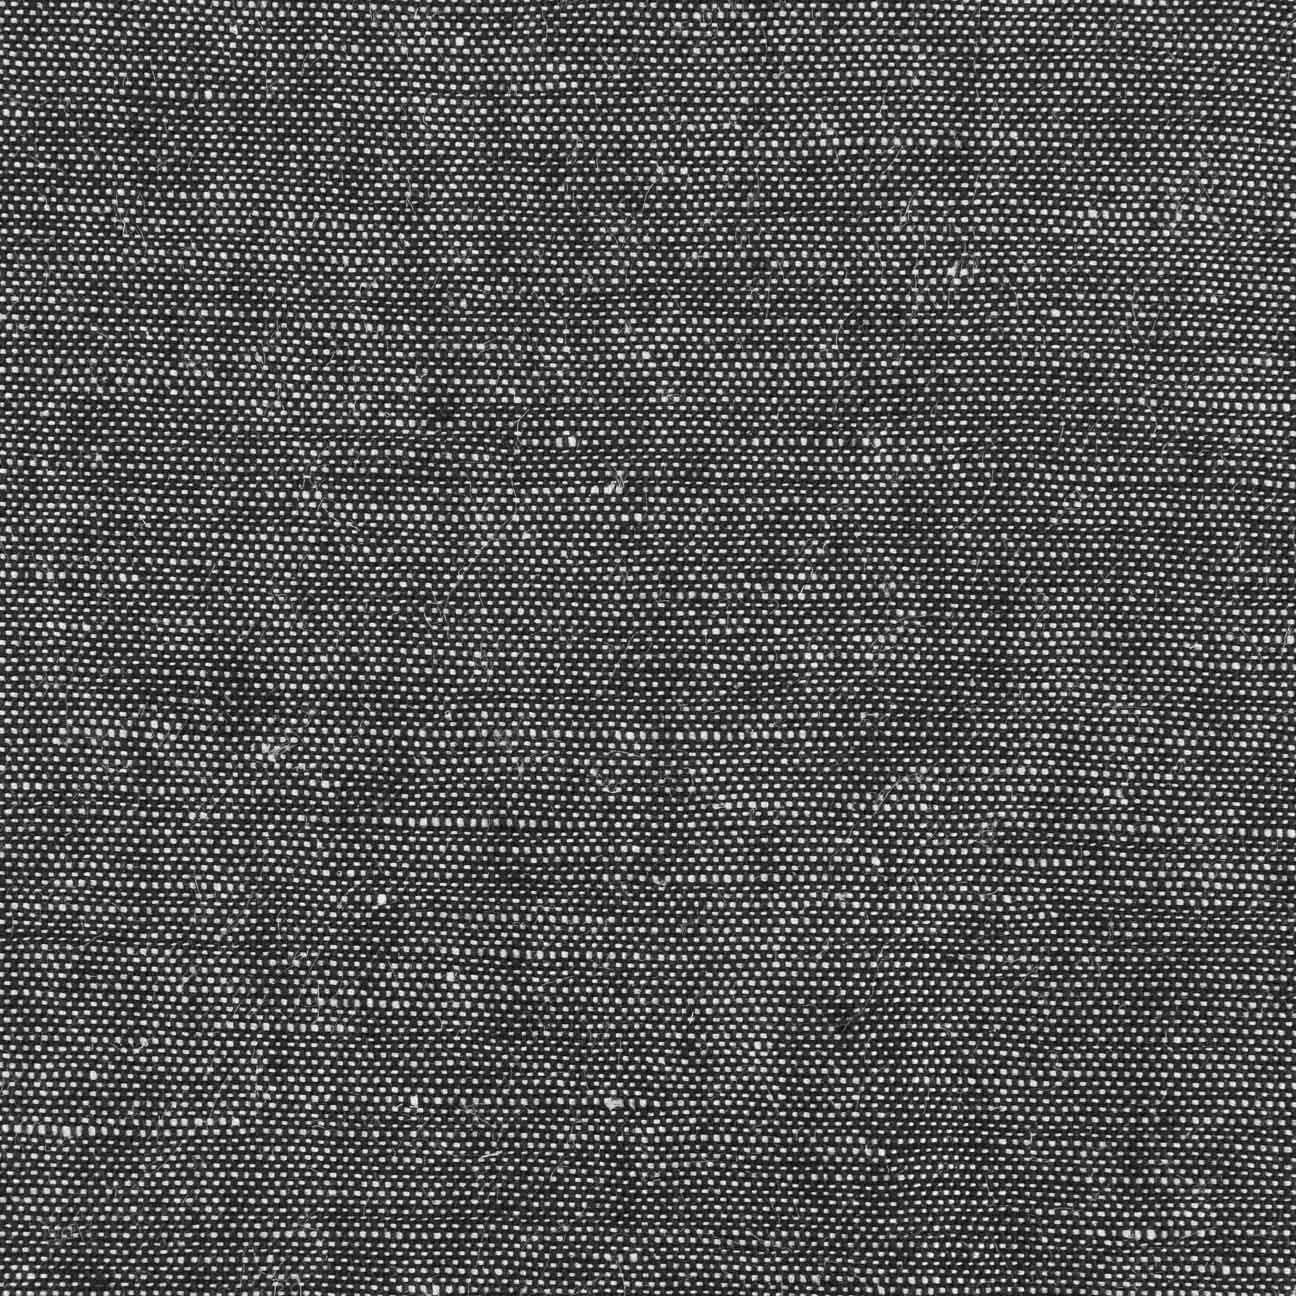 Misura del Berretto: 55-62 cm Coppola in Lino e Cotone Berretto Estivo in Look Denim Lierys Coppola Maschile Inglese Made in Italy Primavera//Estate